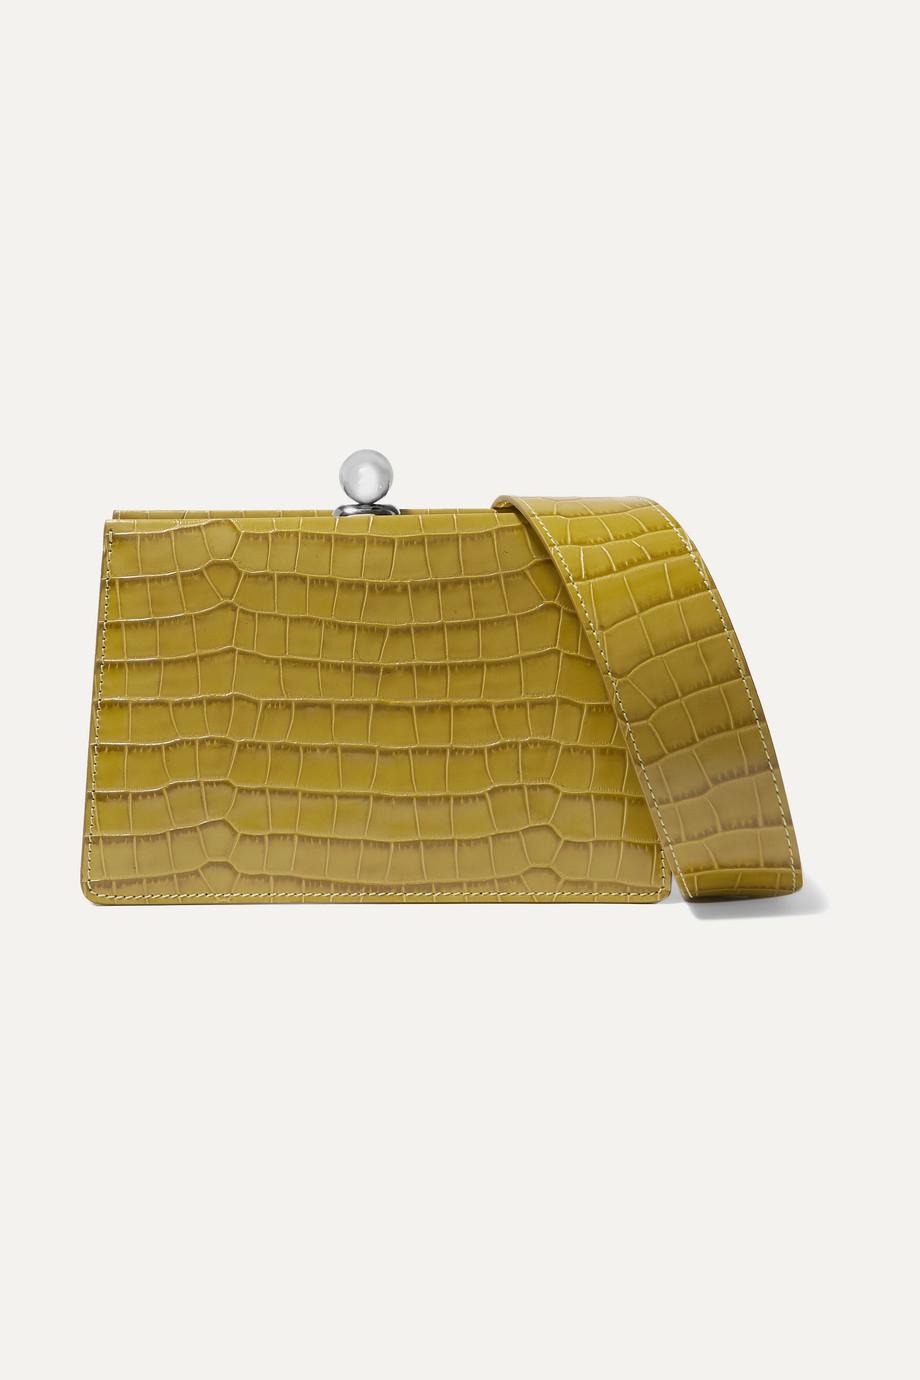 Ratio et Motus Mini Twin croc-effect leather shoulder bag